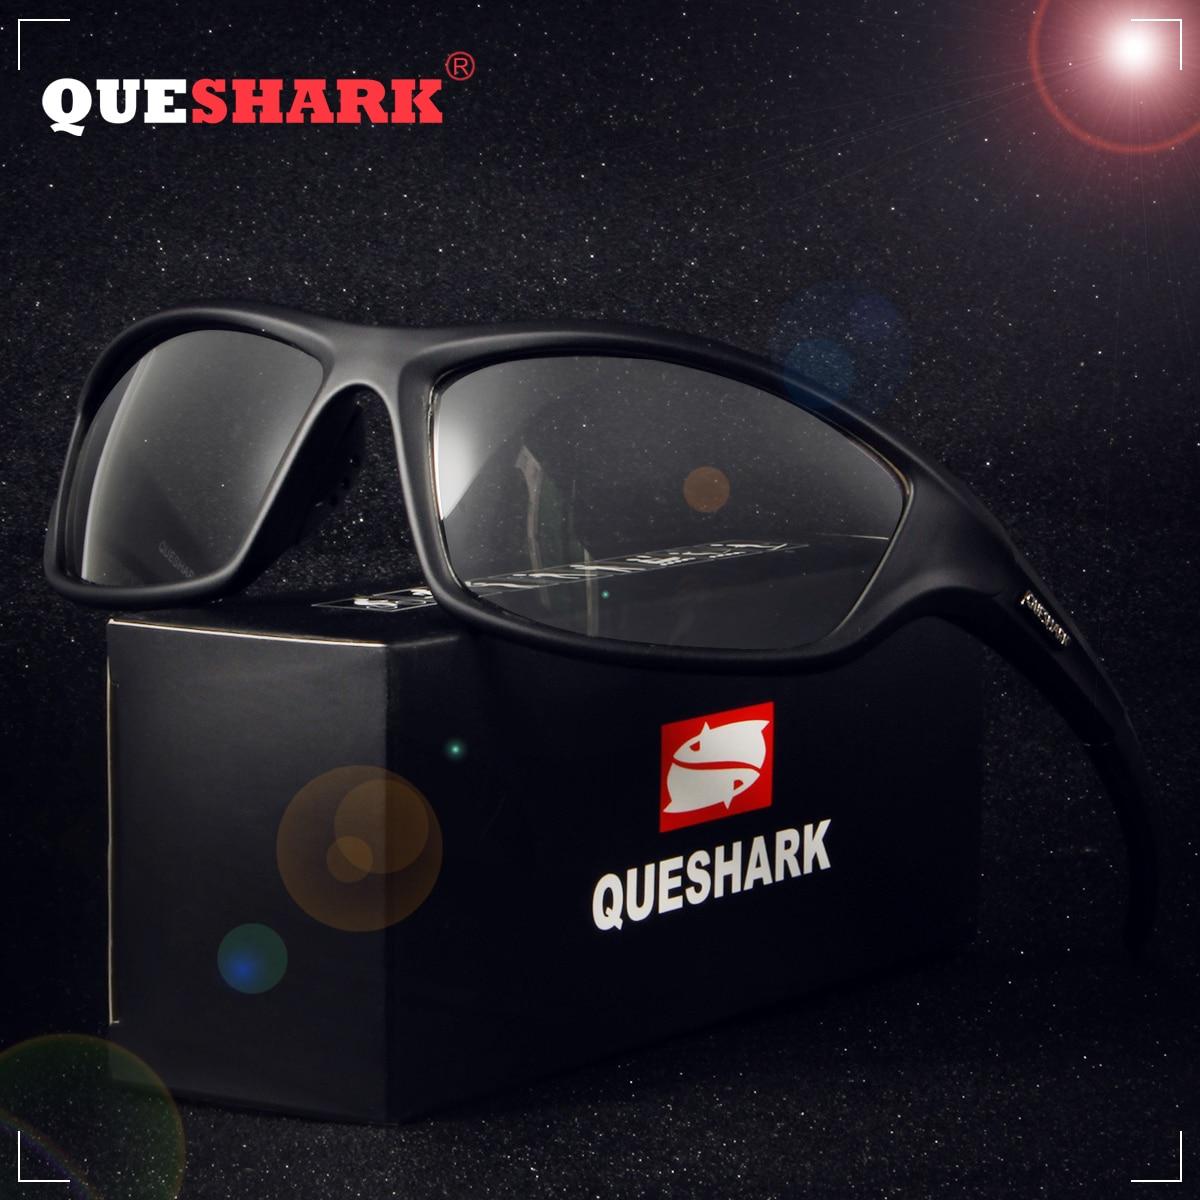 e8a82839874f4 QUESHARK Esporte Photochromic Óculos De Sol Dos Homens Camaleão  Descoloração óculos de Sol para homens Anti-reflexo Óculos de Condução  Óculos de Pesca